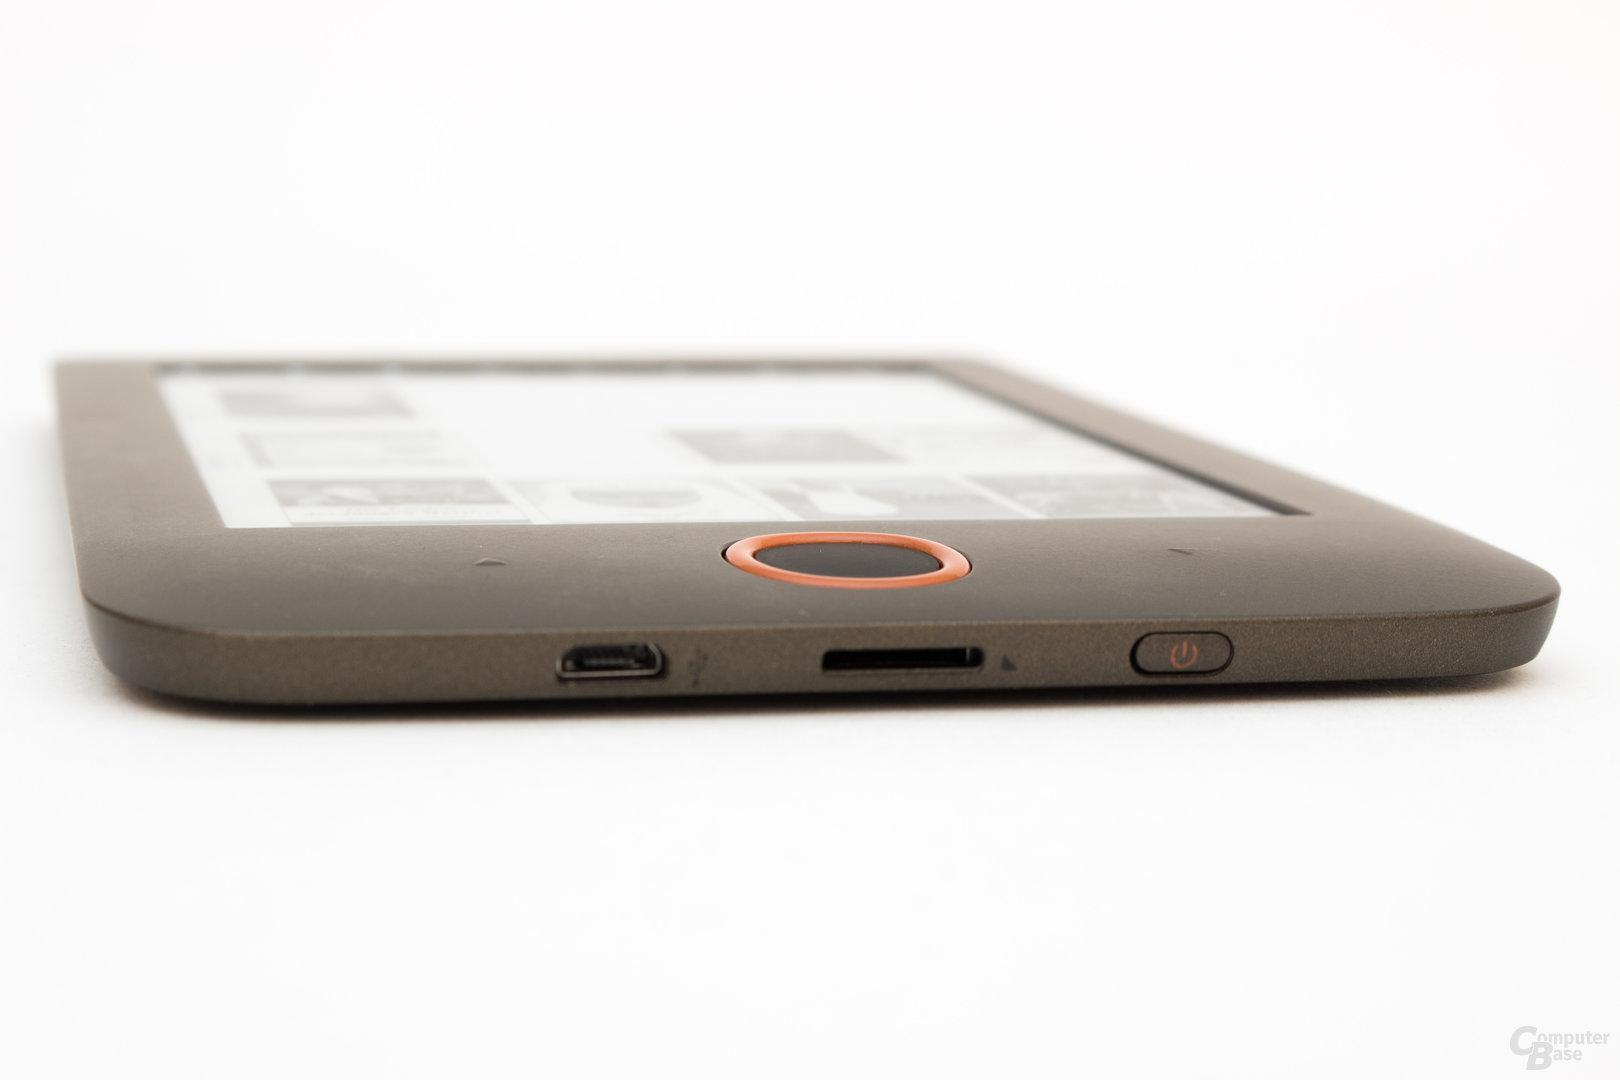 Kartenslot, USB-Anschluss und Ein-/Ausschalter